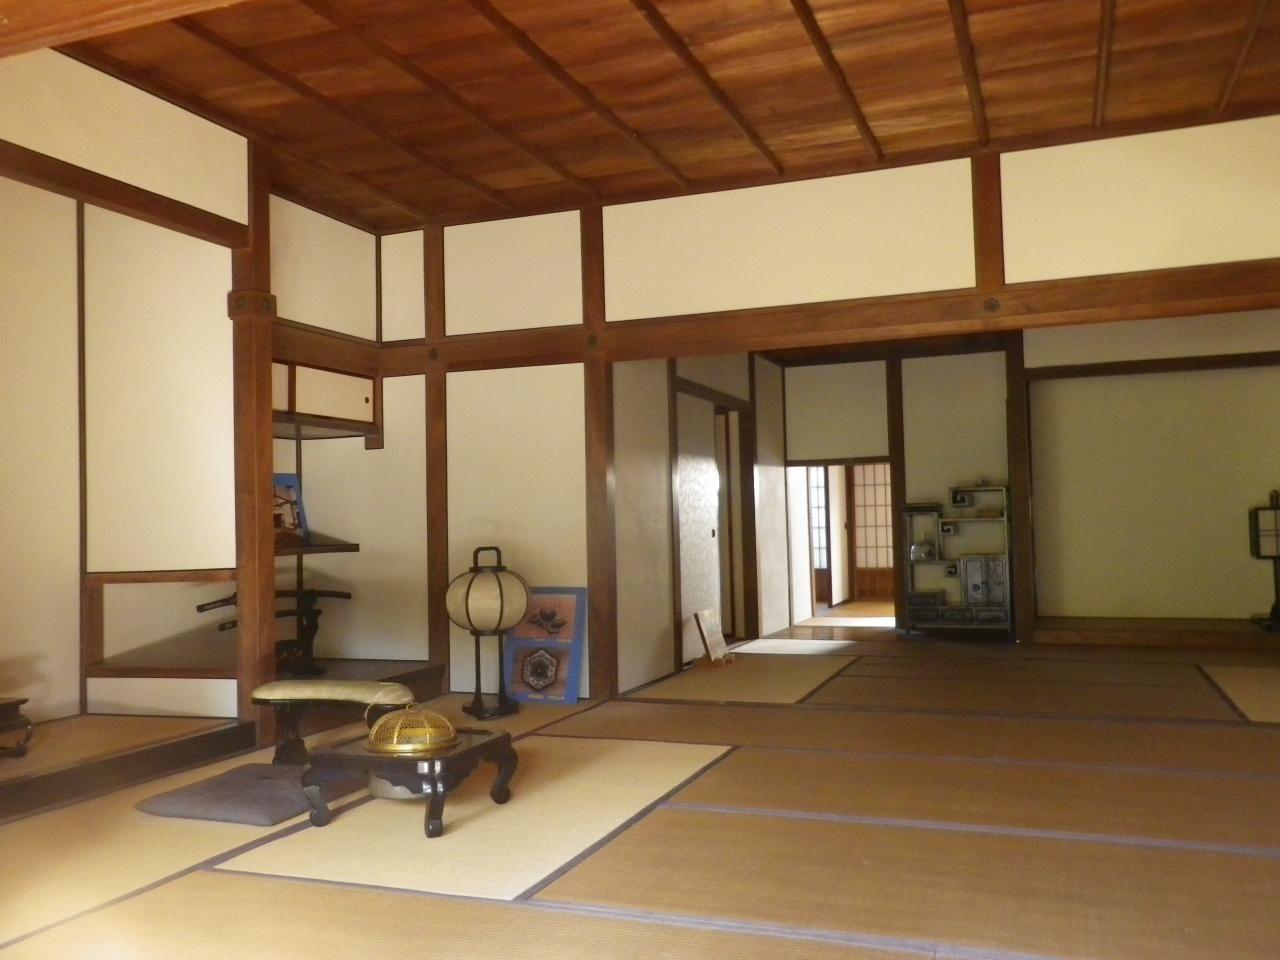 高知 大川筋武家屋敷資料館から高知城へ 高知市 旅行のクチコミサイト フォートラベル 和のインテリア 伝統的な日本家屋 日本 住宅